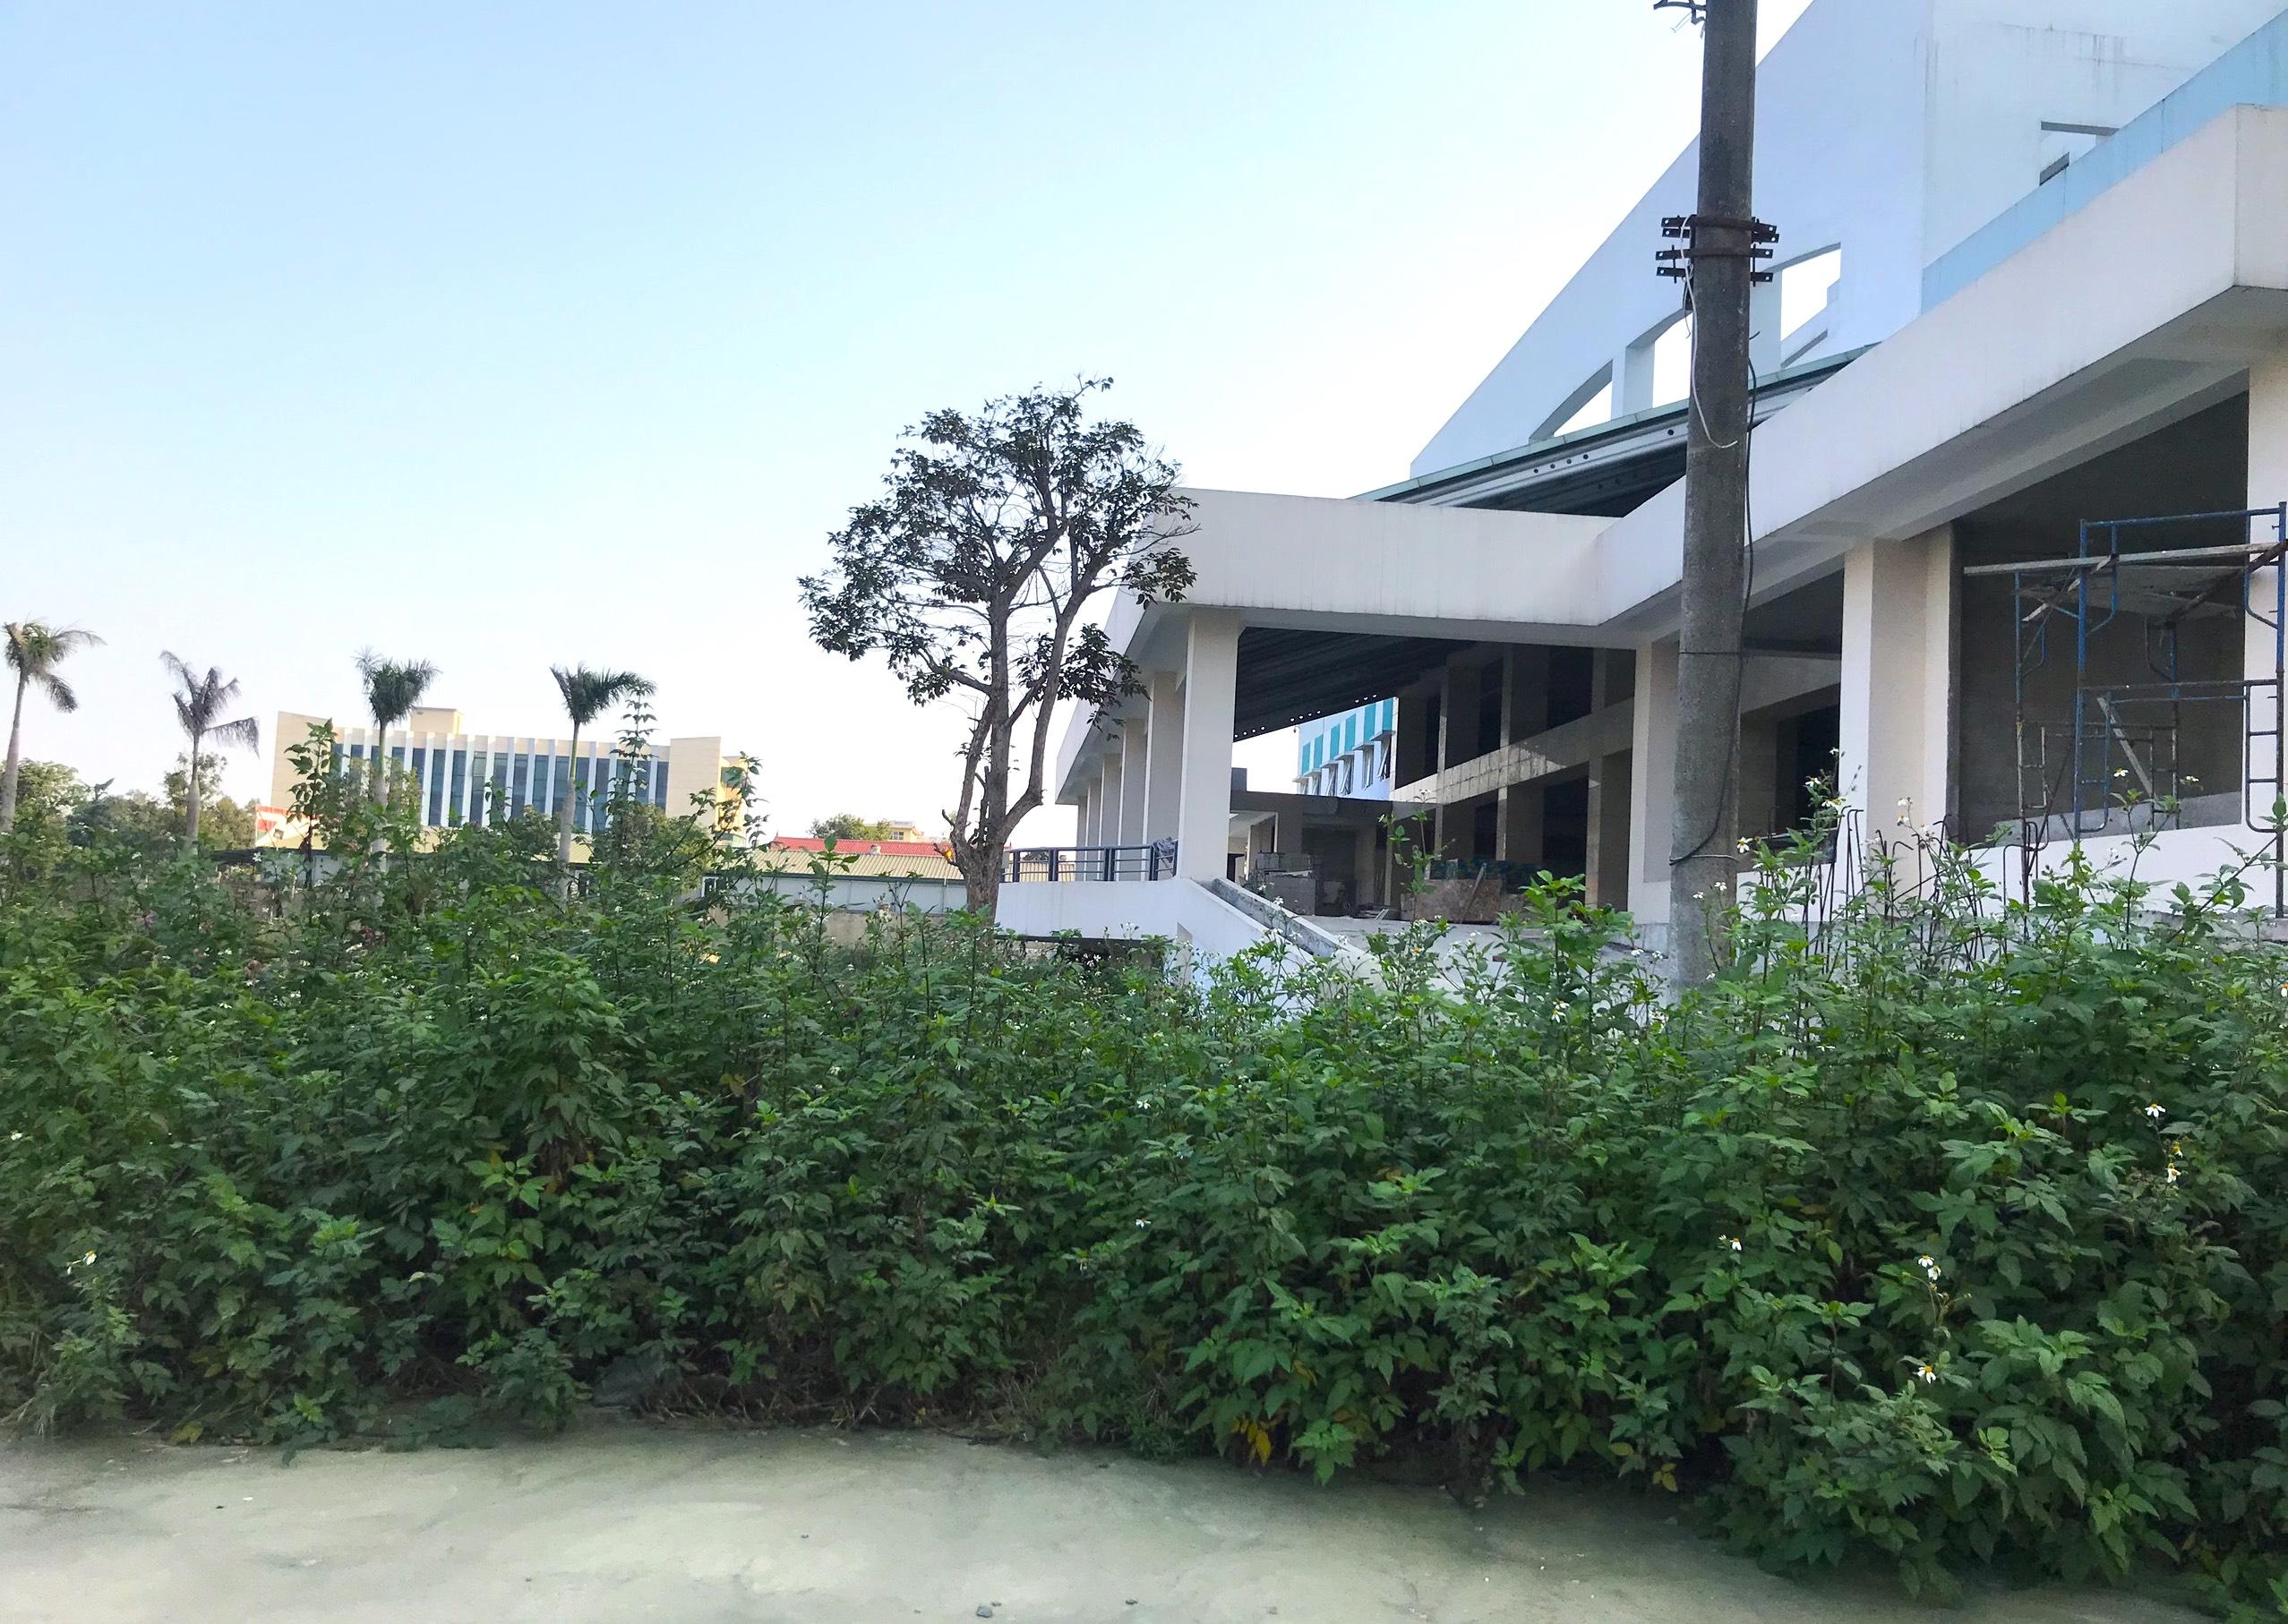 Cảnh nhếch nhác, cỏ mọc um tùm trong dự án bệnh viện nghìn tỷ lớn nhất Bắc Trung Bộ - Ảnh 5.